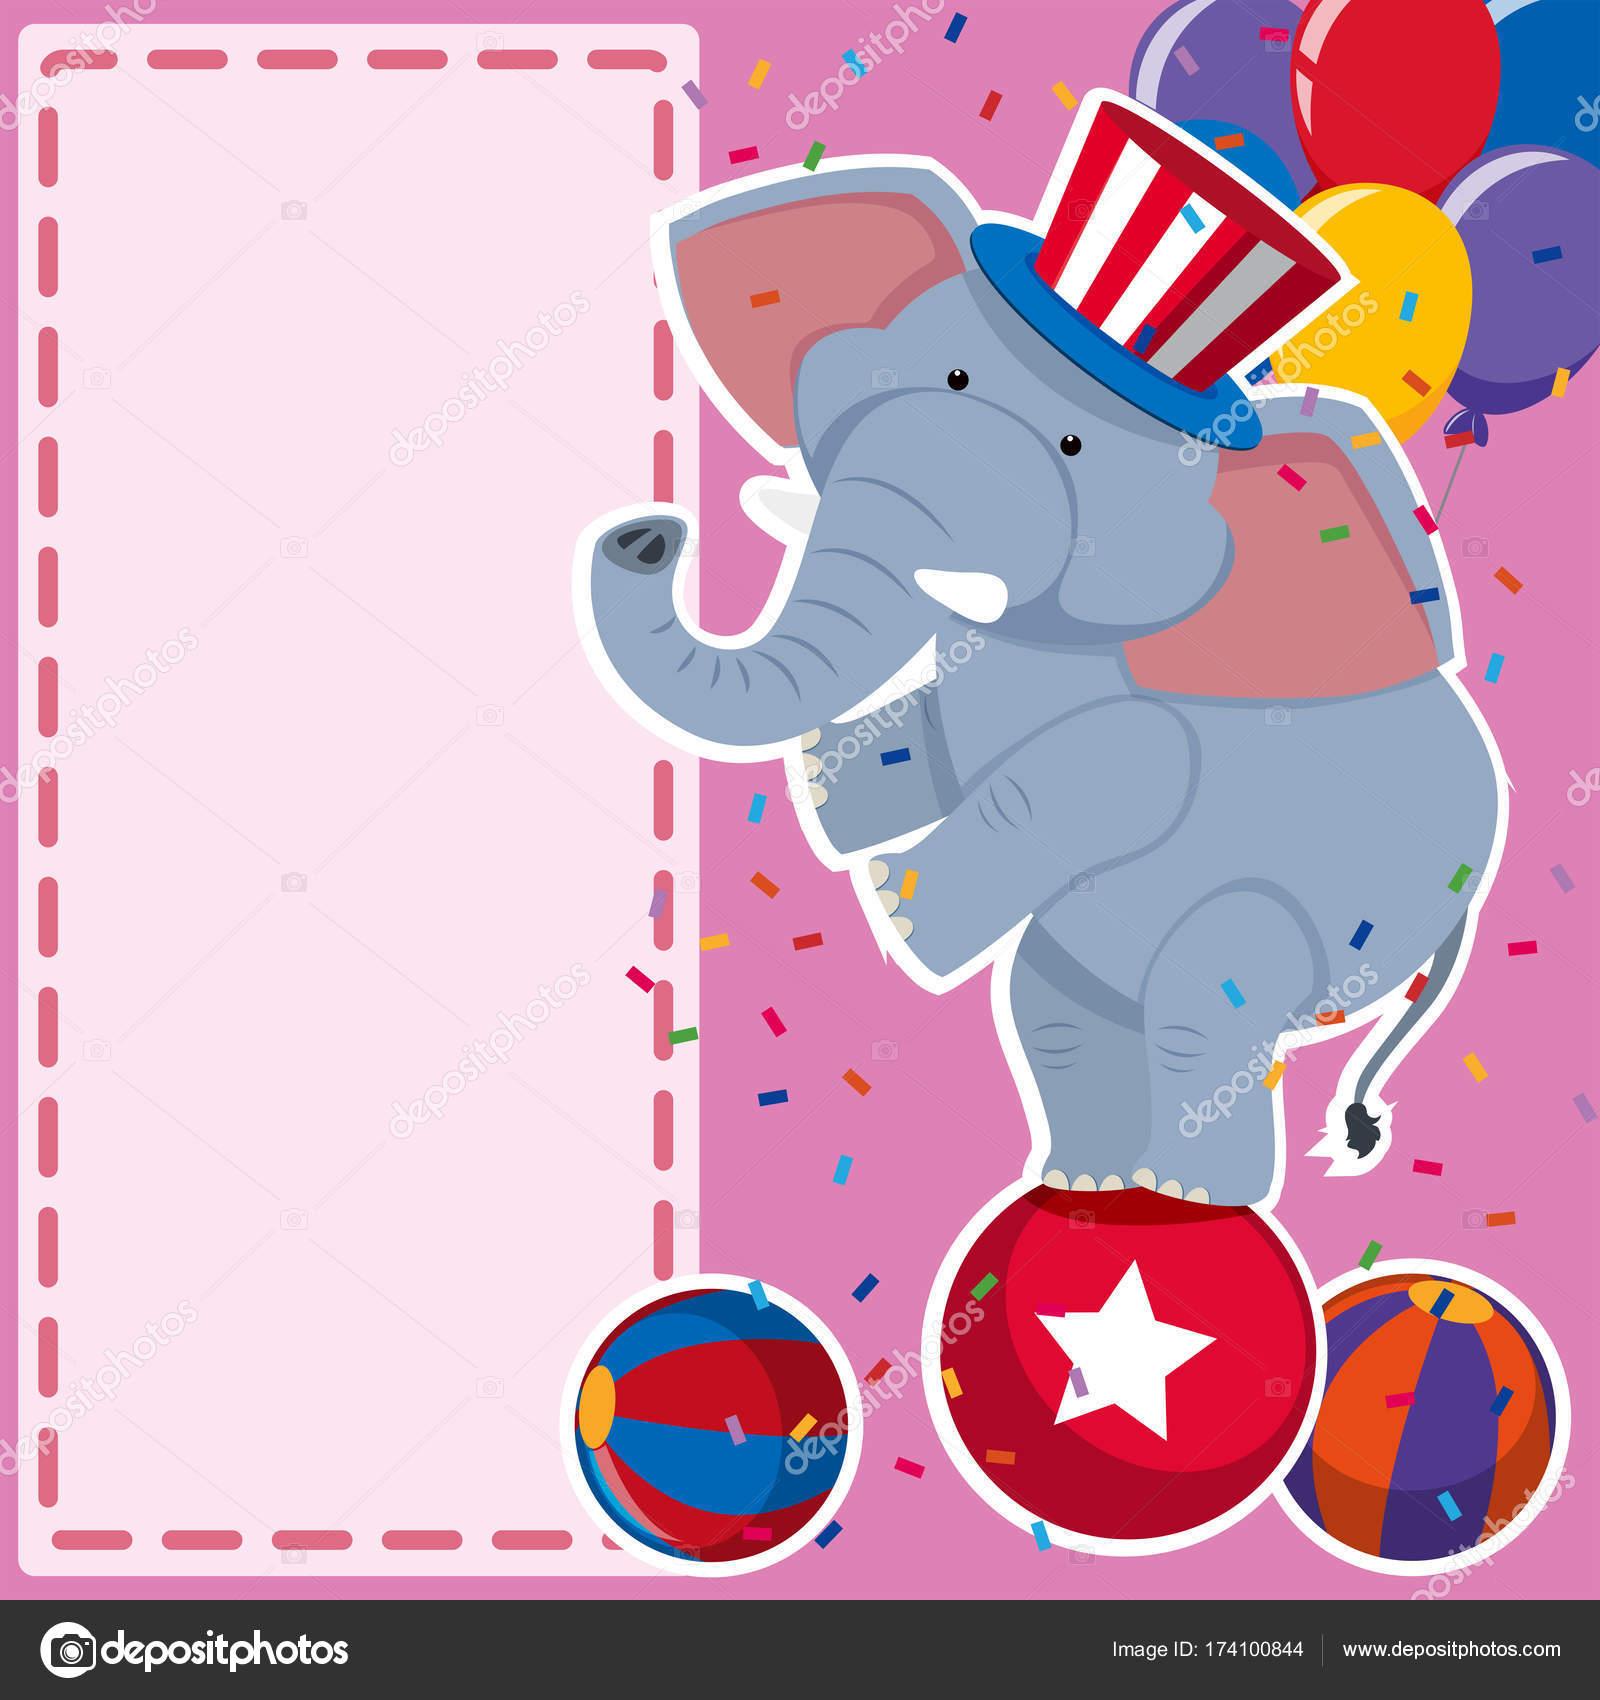 Grenze Vorlage Mit Elefanten Am Ball Stockvektor Brgfx 174100844